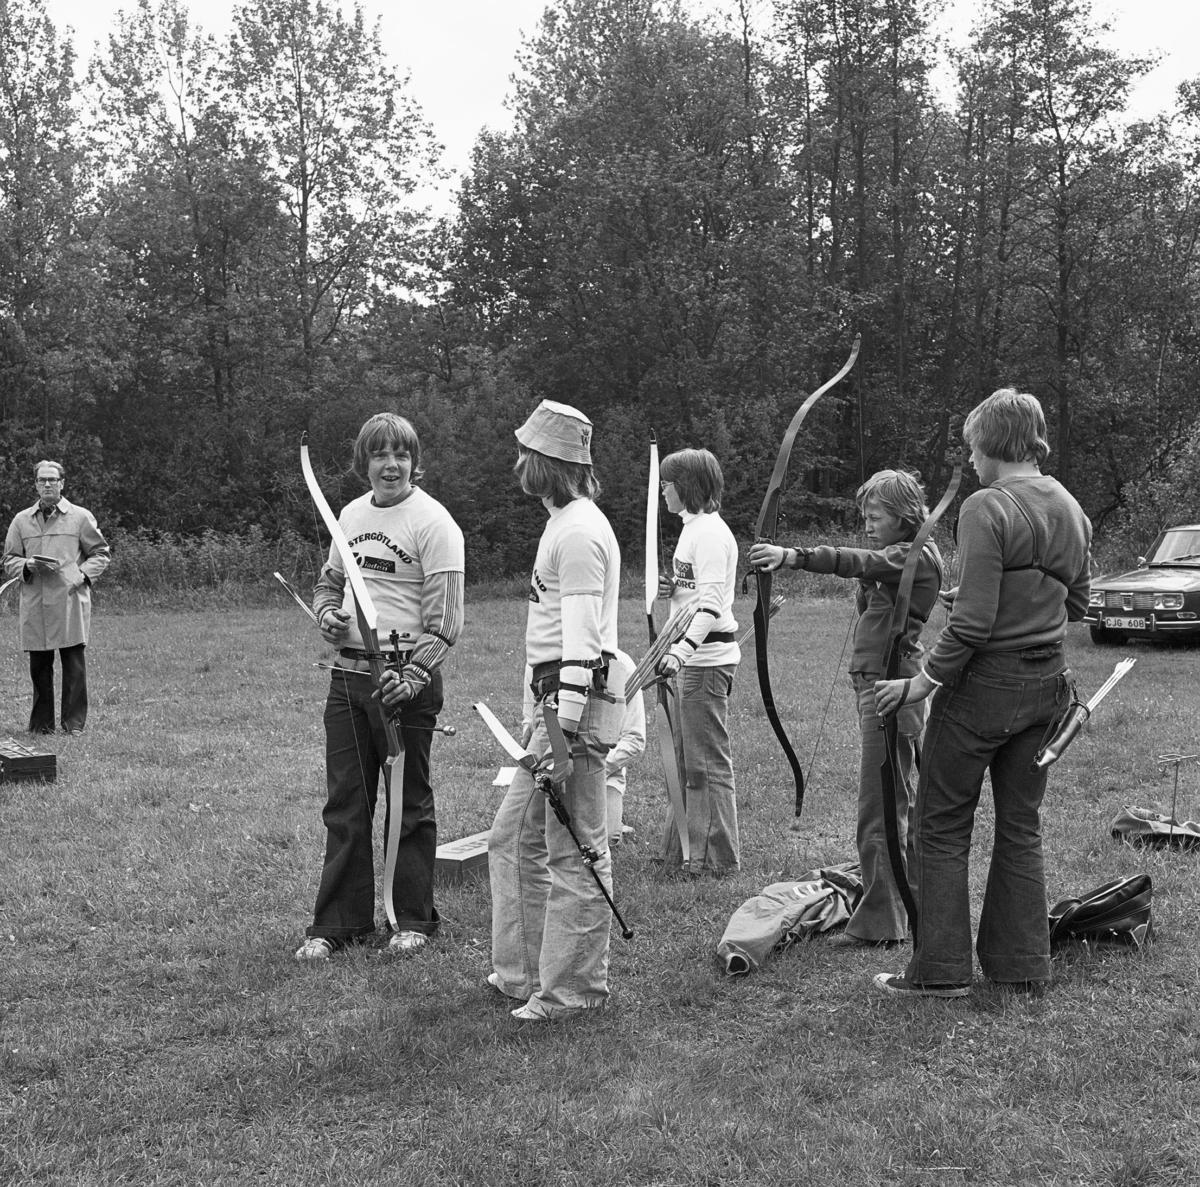 Regionsfinaler 70-iaden. 31 maj - 1 juni 1975. [Bågskytte]